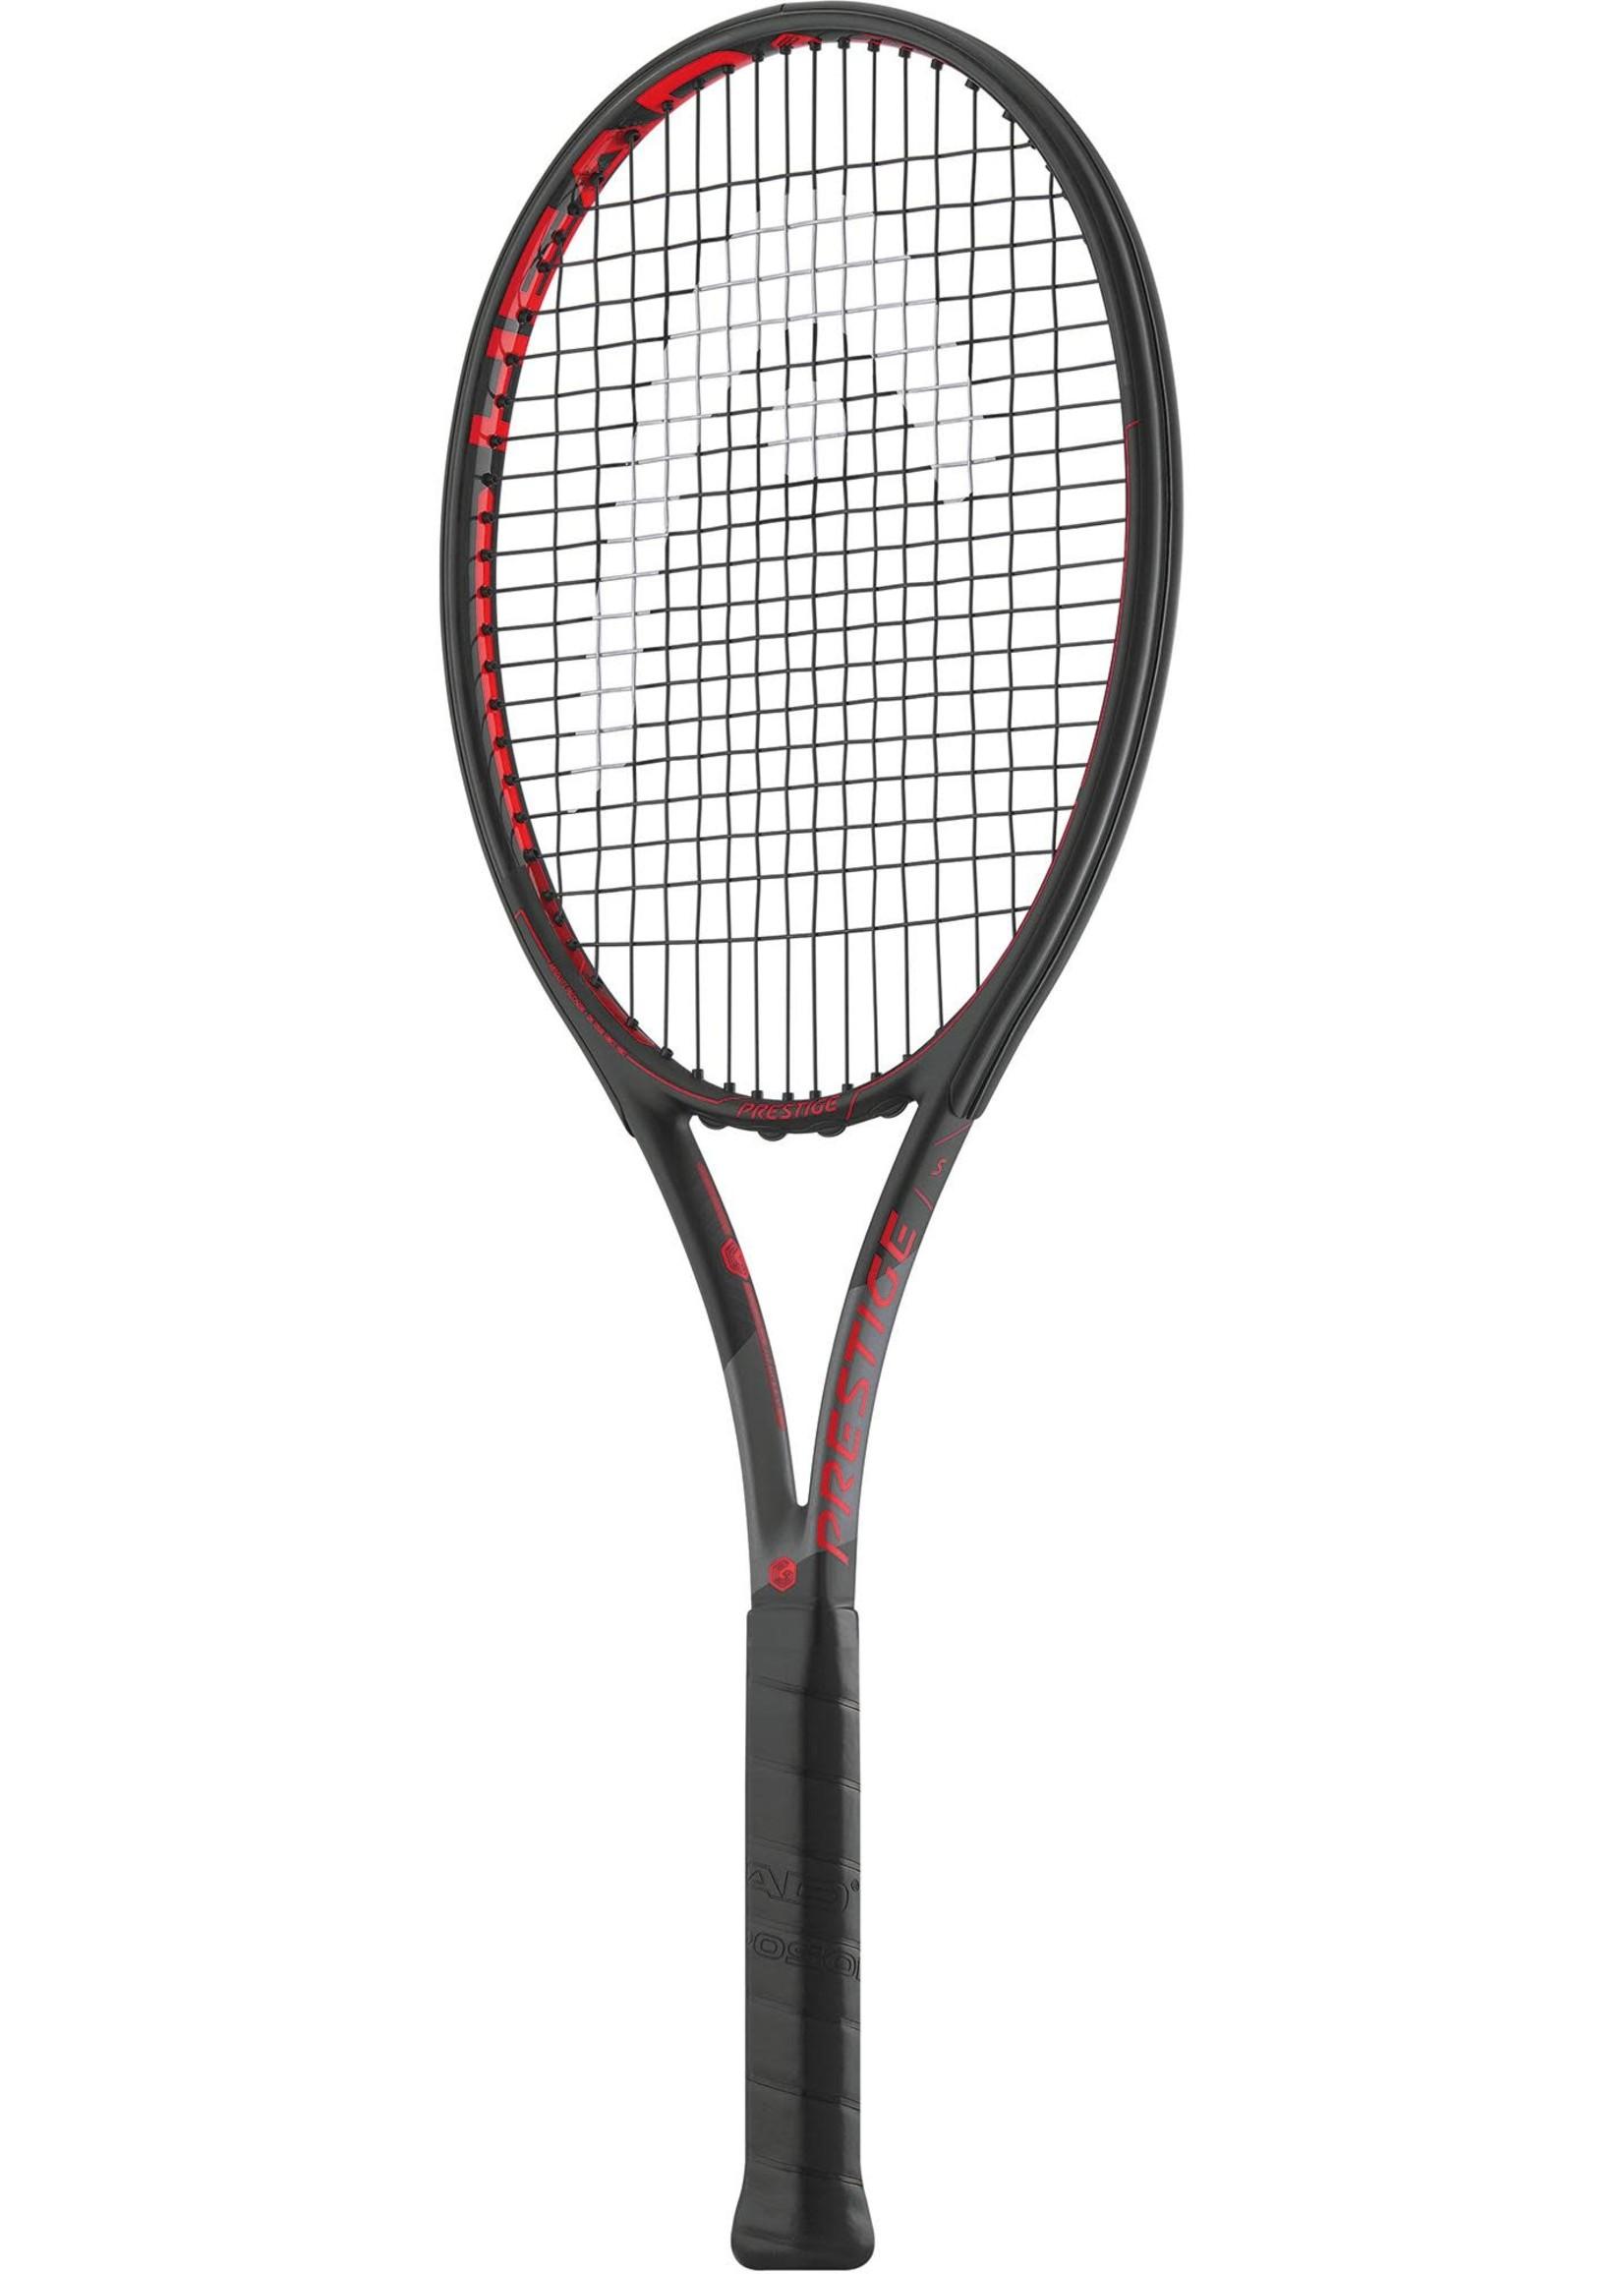 Head Head Touch Prestige S Tennis Racket (2021)